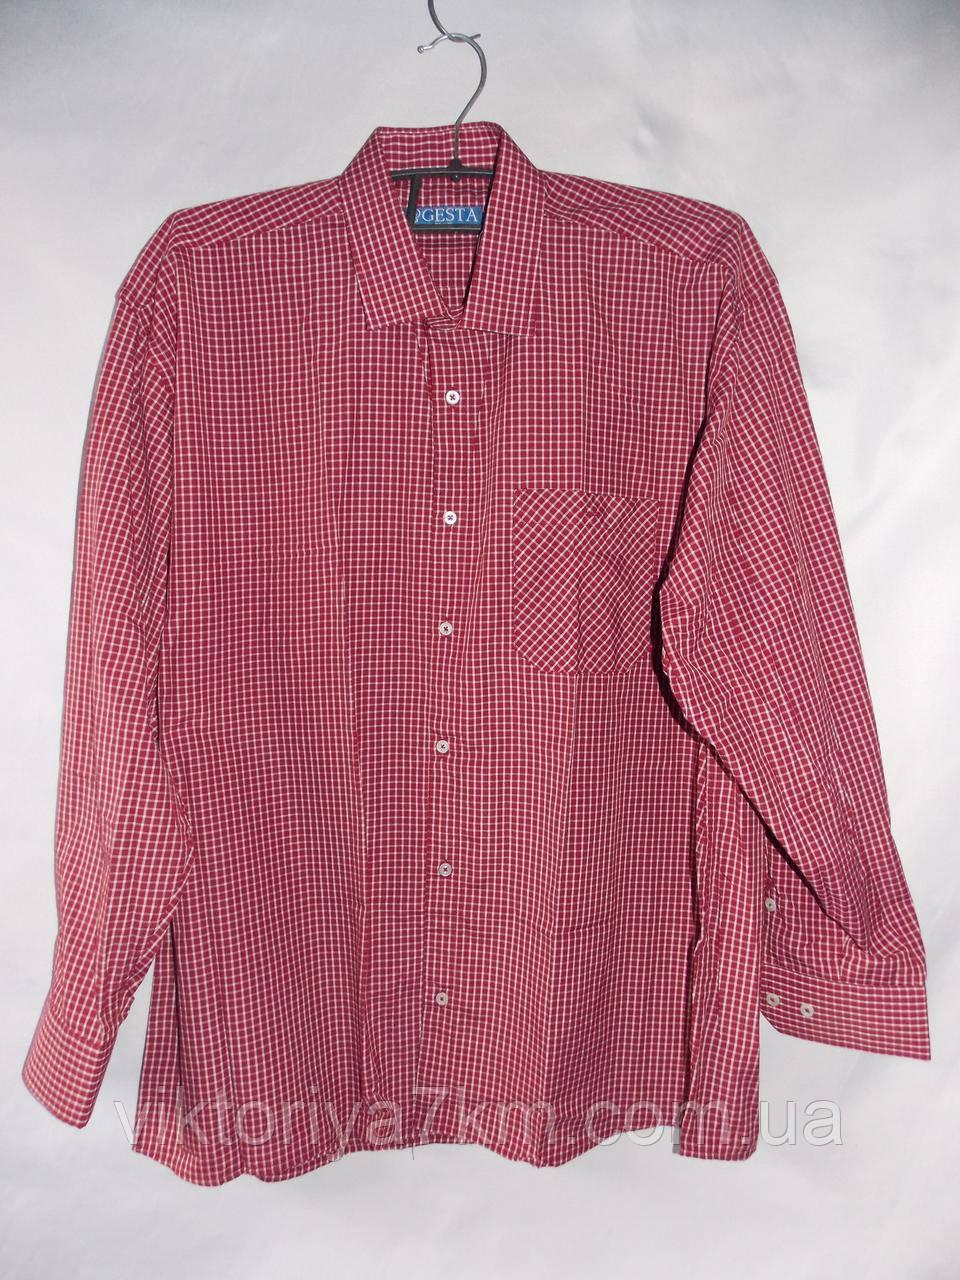 """Рубашка мужская в клетку """"Prest"""" RS2-5034"""